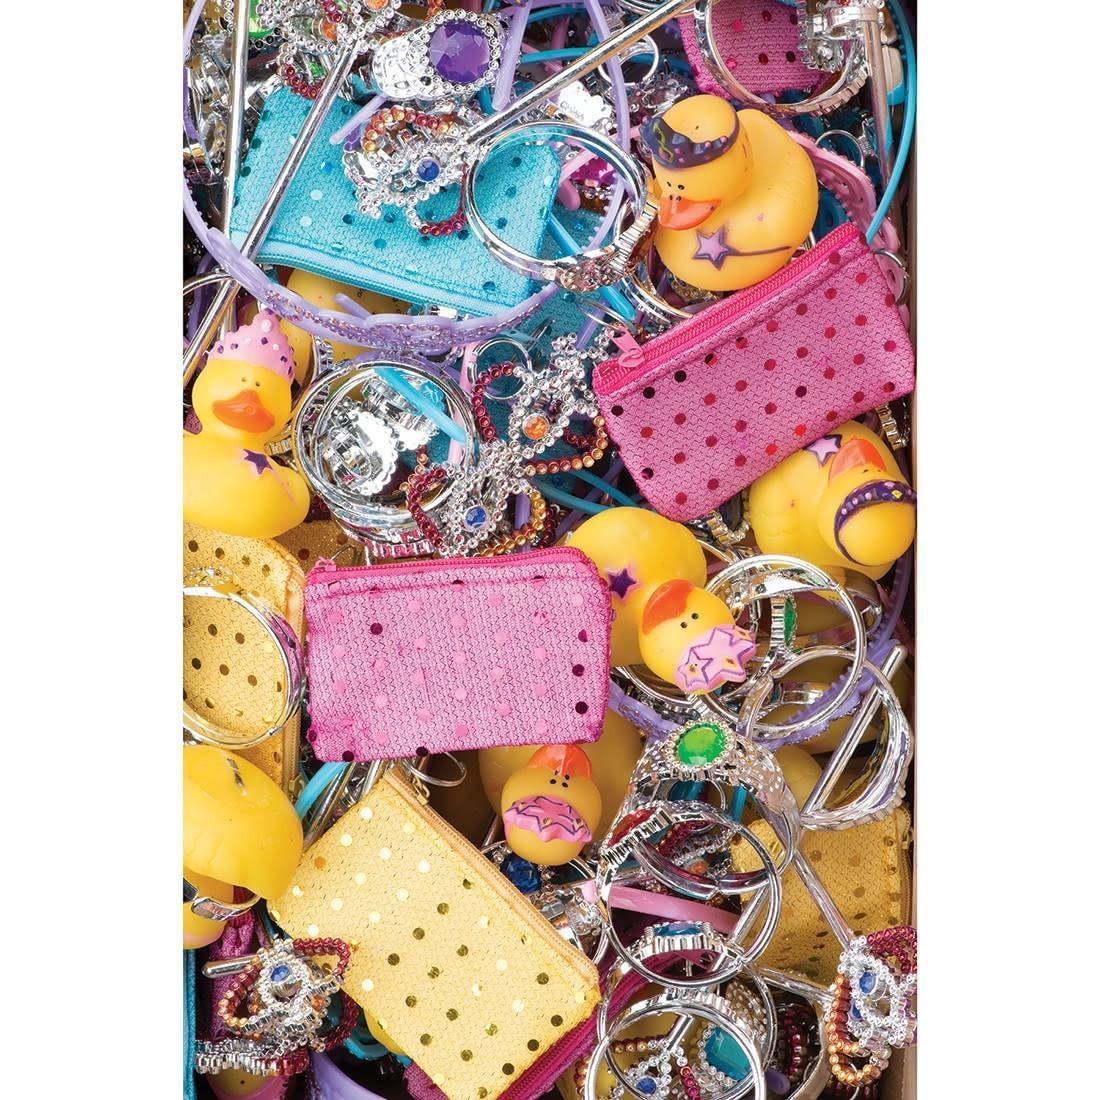 Princess Treasure Chest Refill [image]